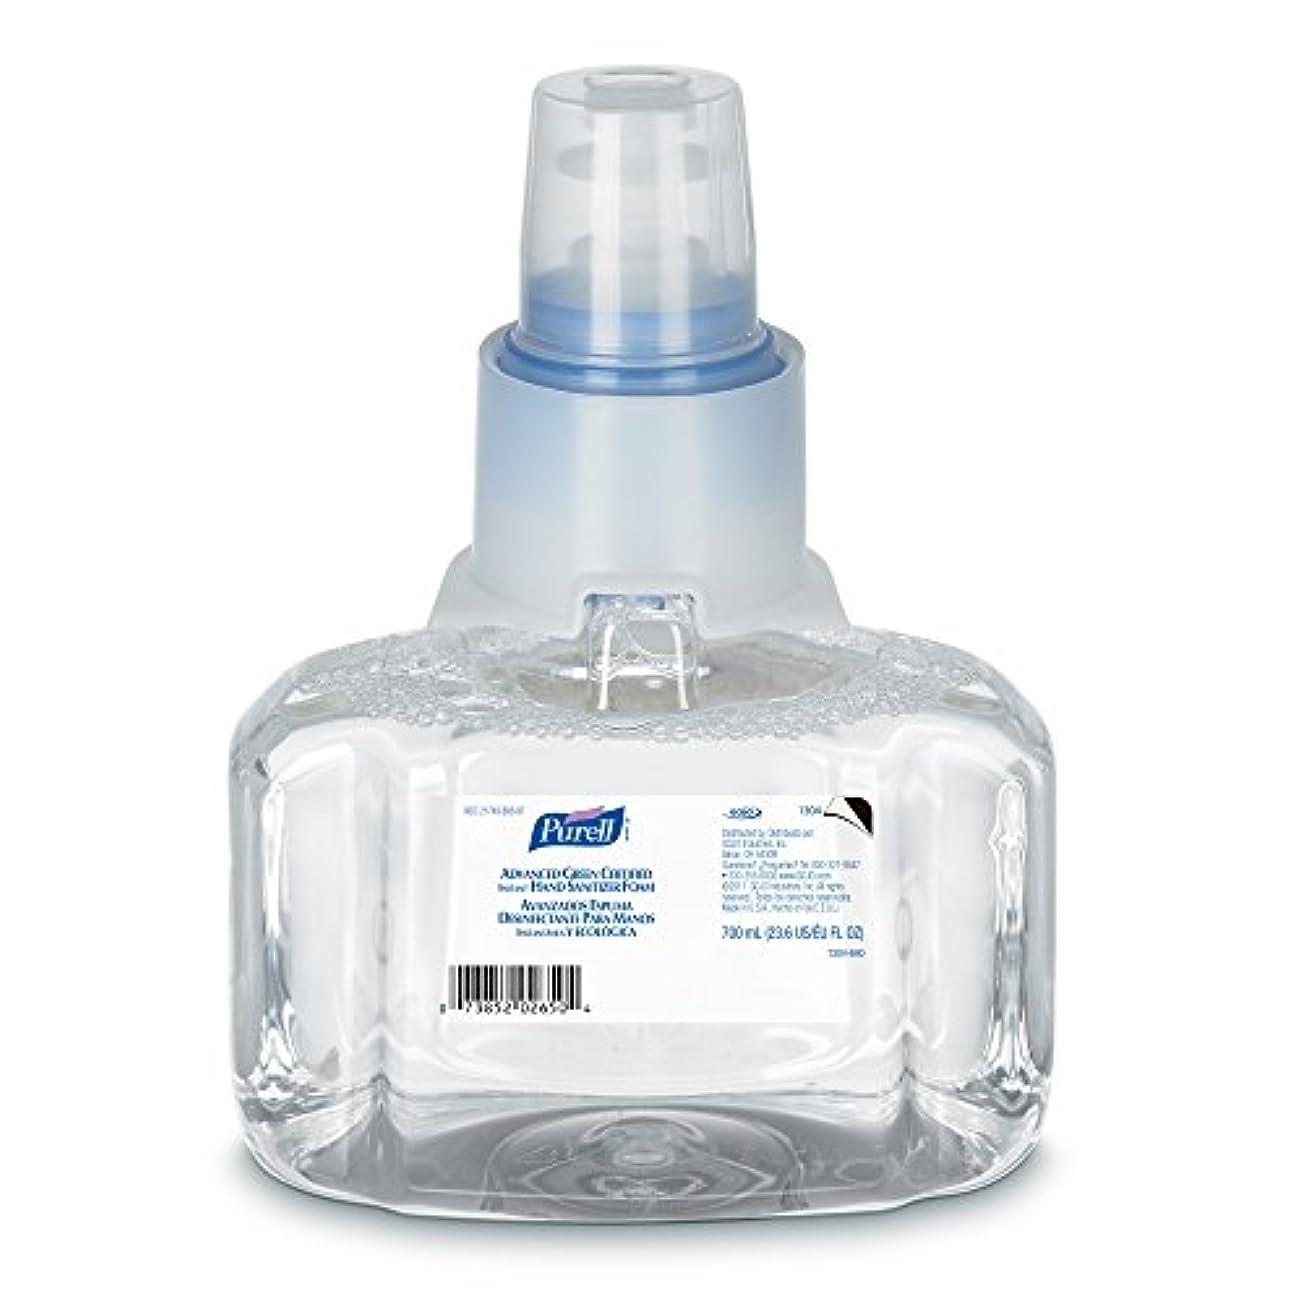 保険をかけるオズワルド排泄するPurell 1304-03 Advanced Green Certified Instant Hand Sanitizer Foam, 700 ml Refill (Pack of 3) by Purell